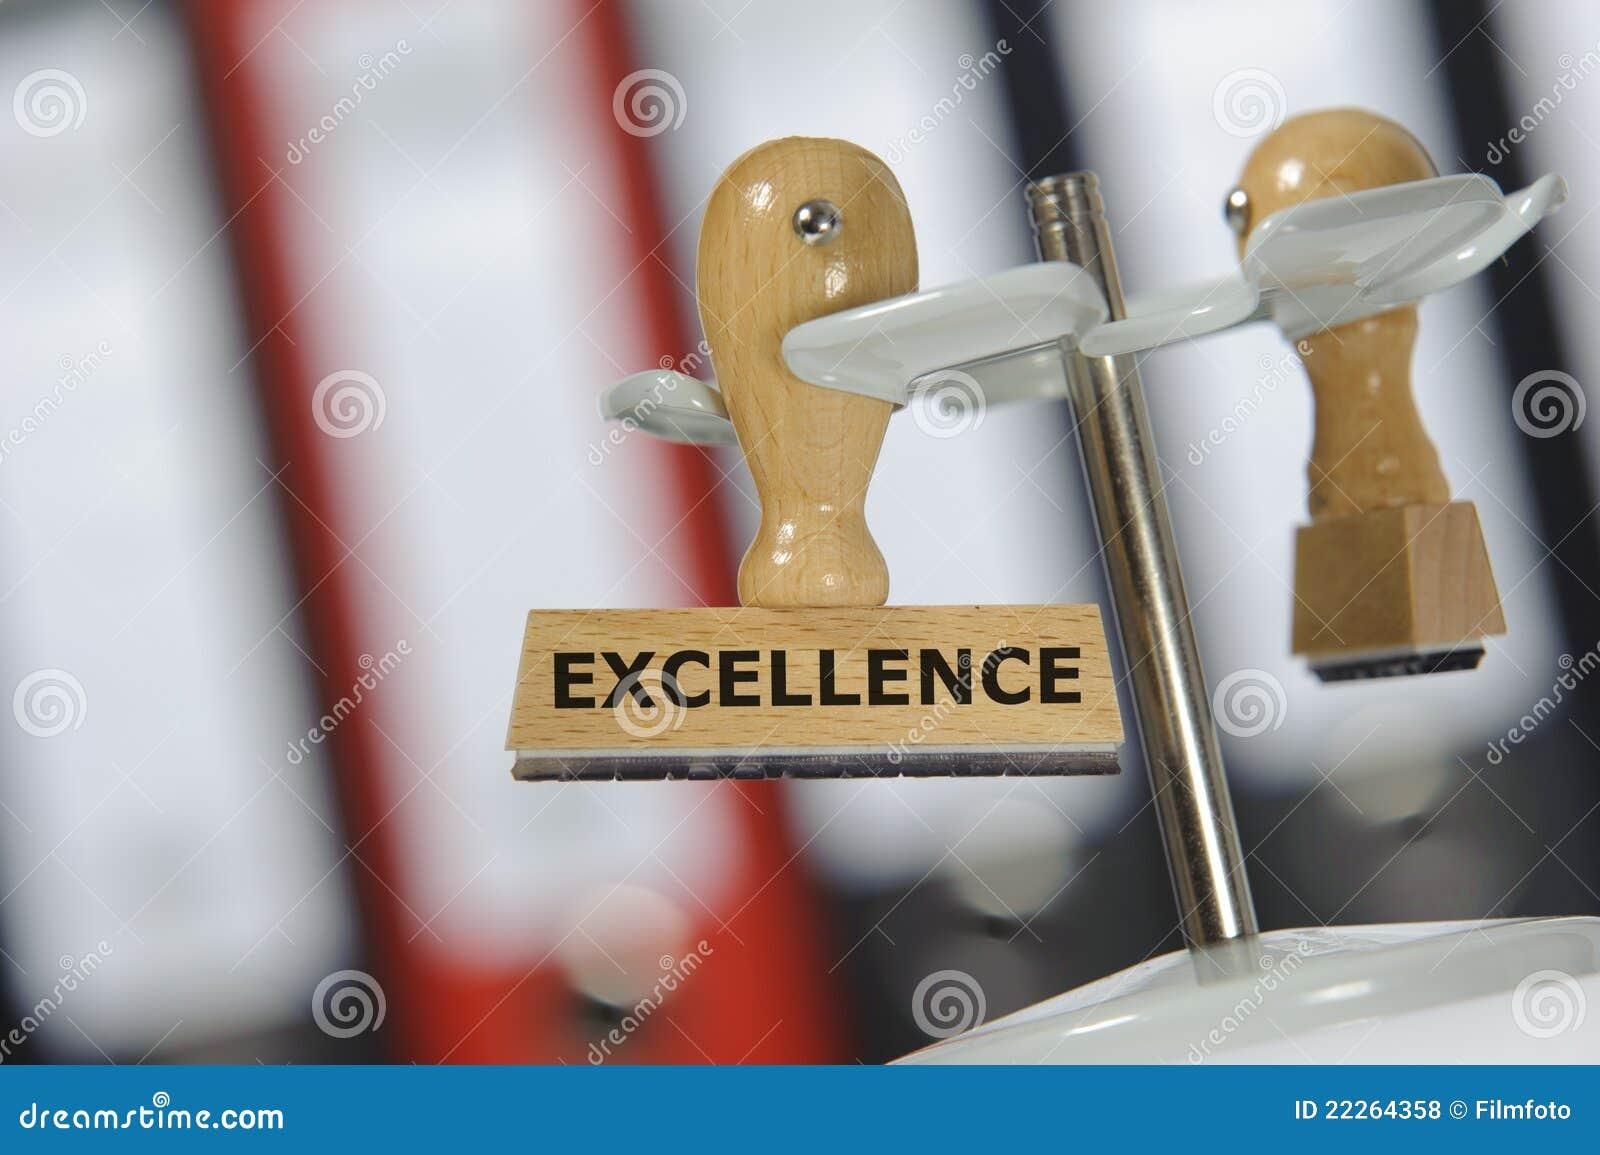 Excelencia